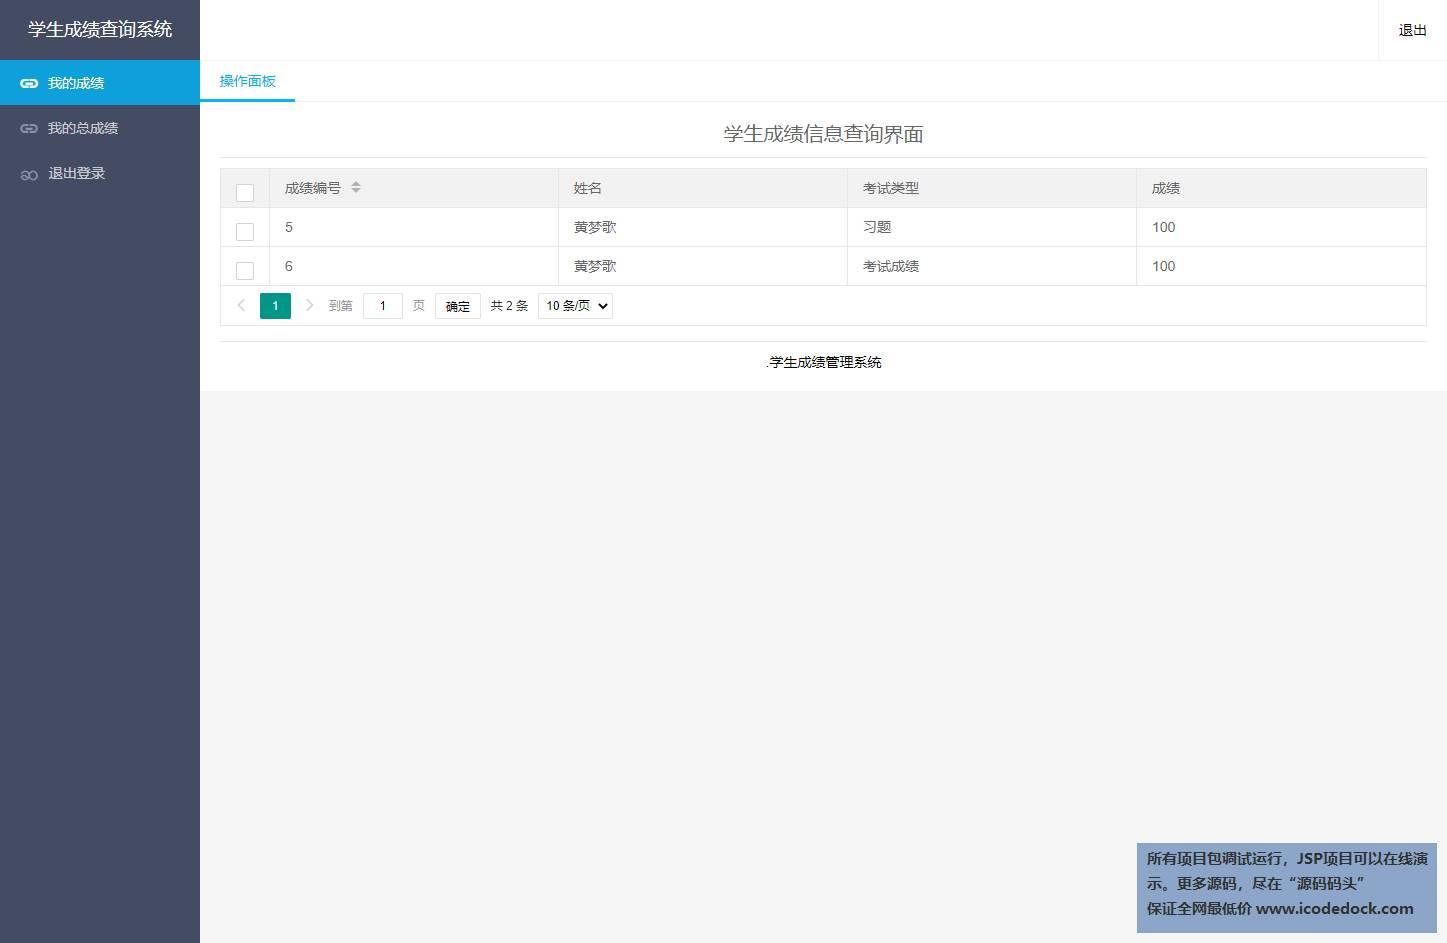 源码码头-Springboot简单学生成绩信息管理系统-学生角色-查看我的成绩